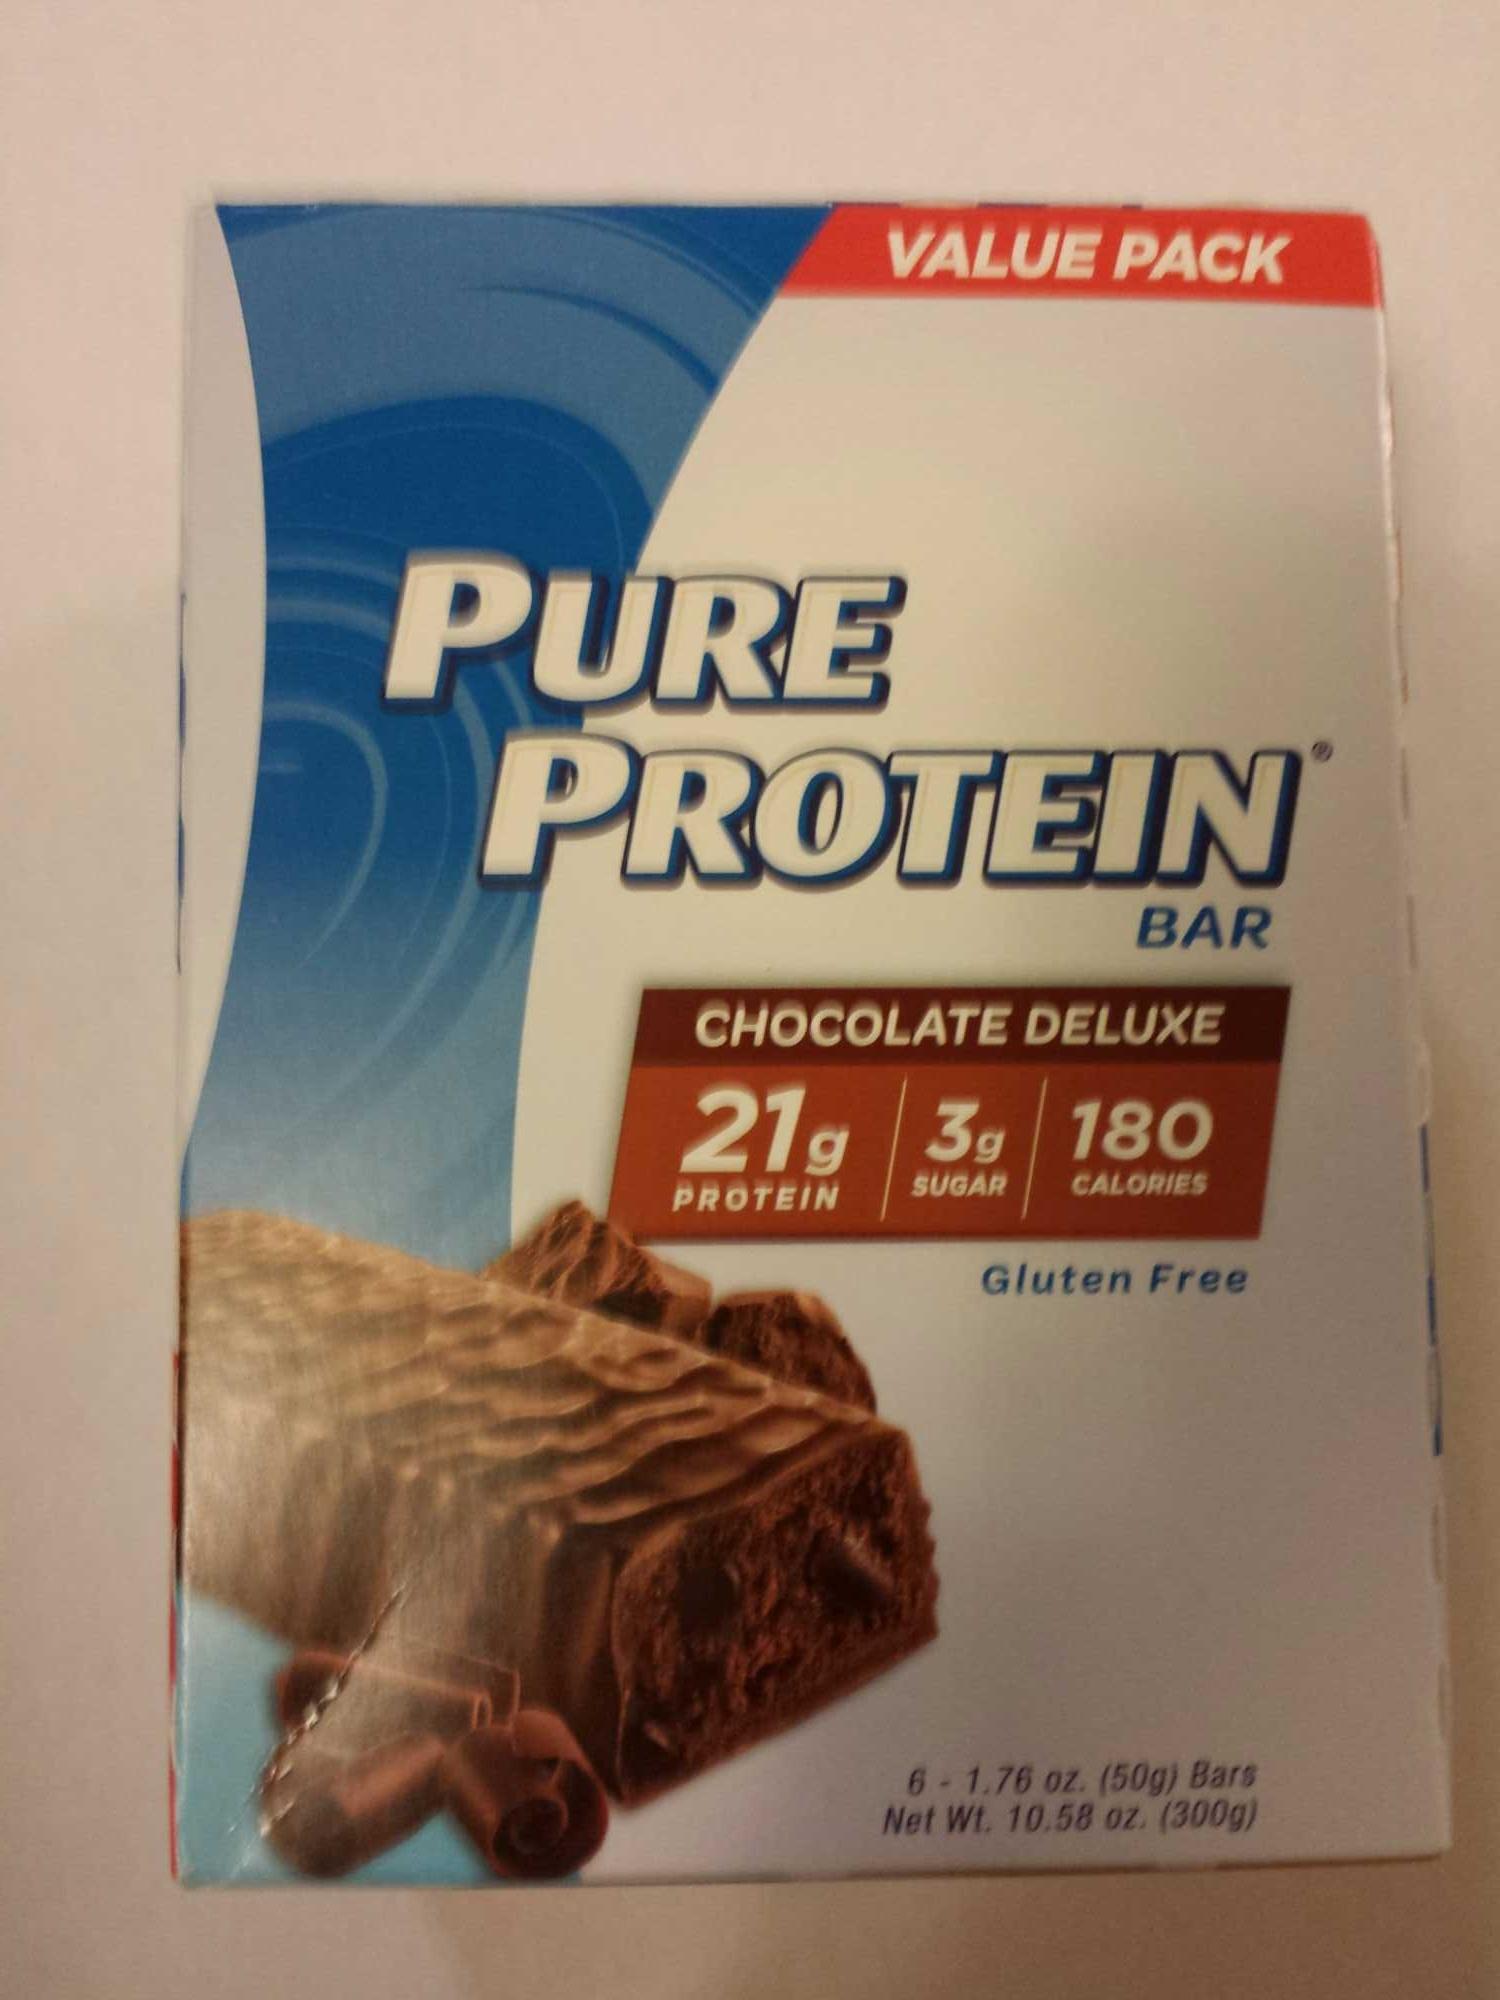 Chocolate deluxe bar, chocolate deluxe - Product - en